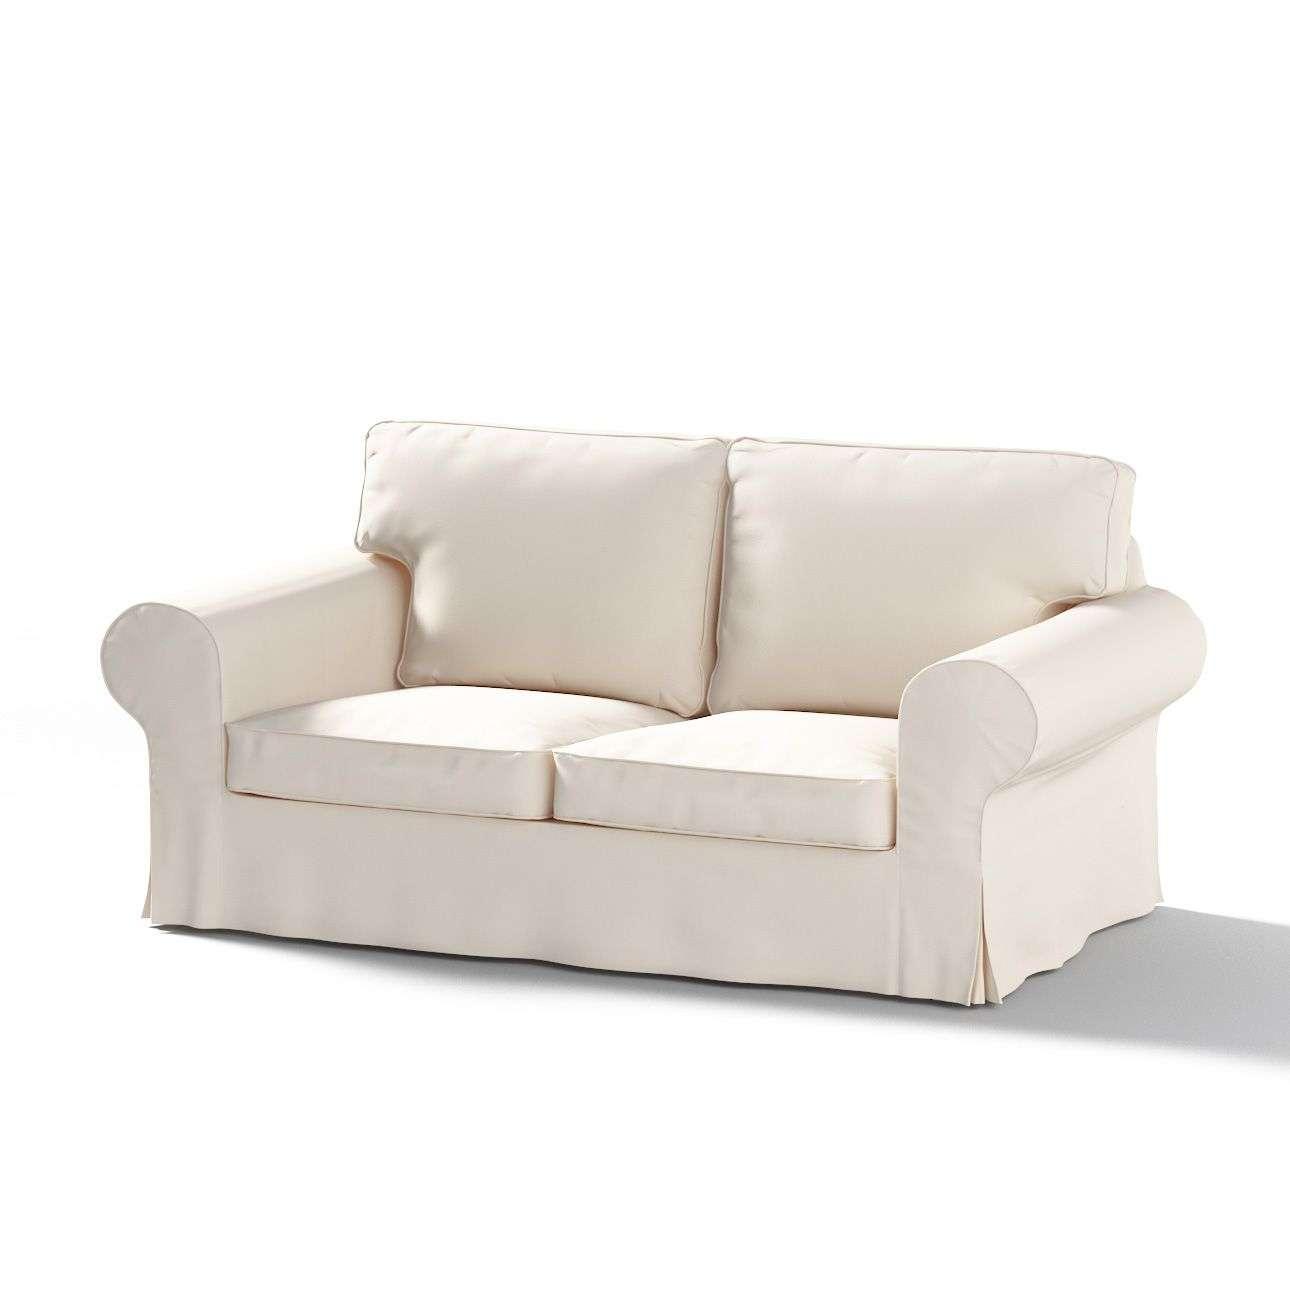 ikea sofa bef slipcovered reviews ektorp and furniture covers dekoria co uk